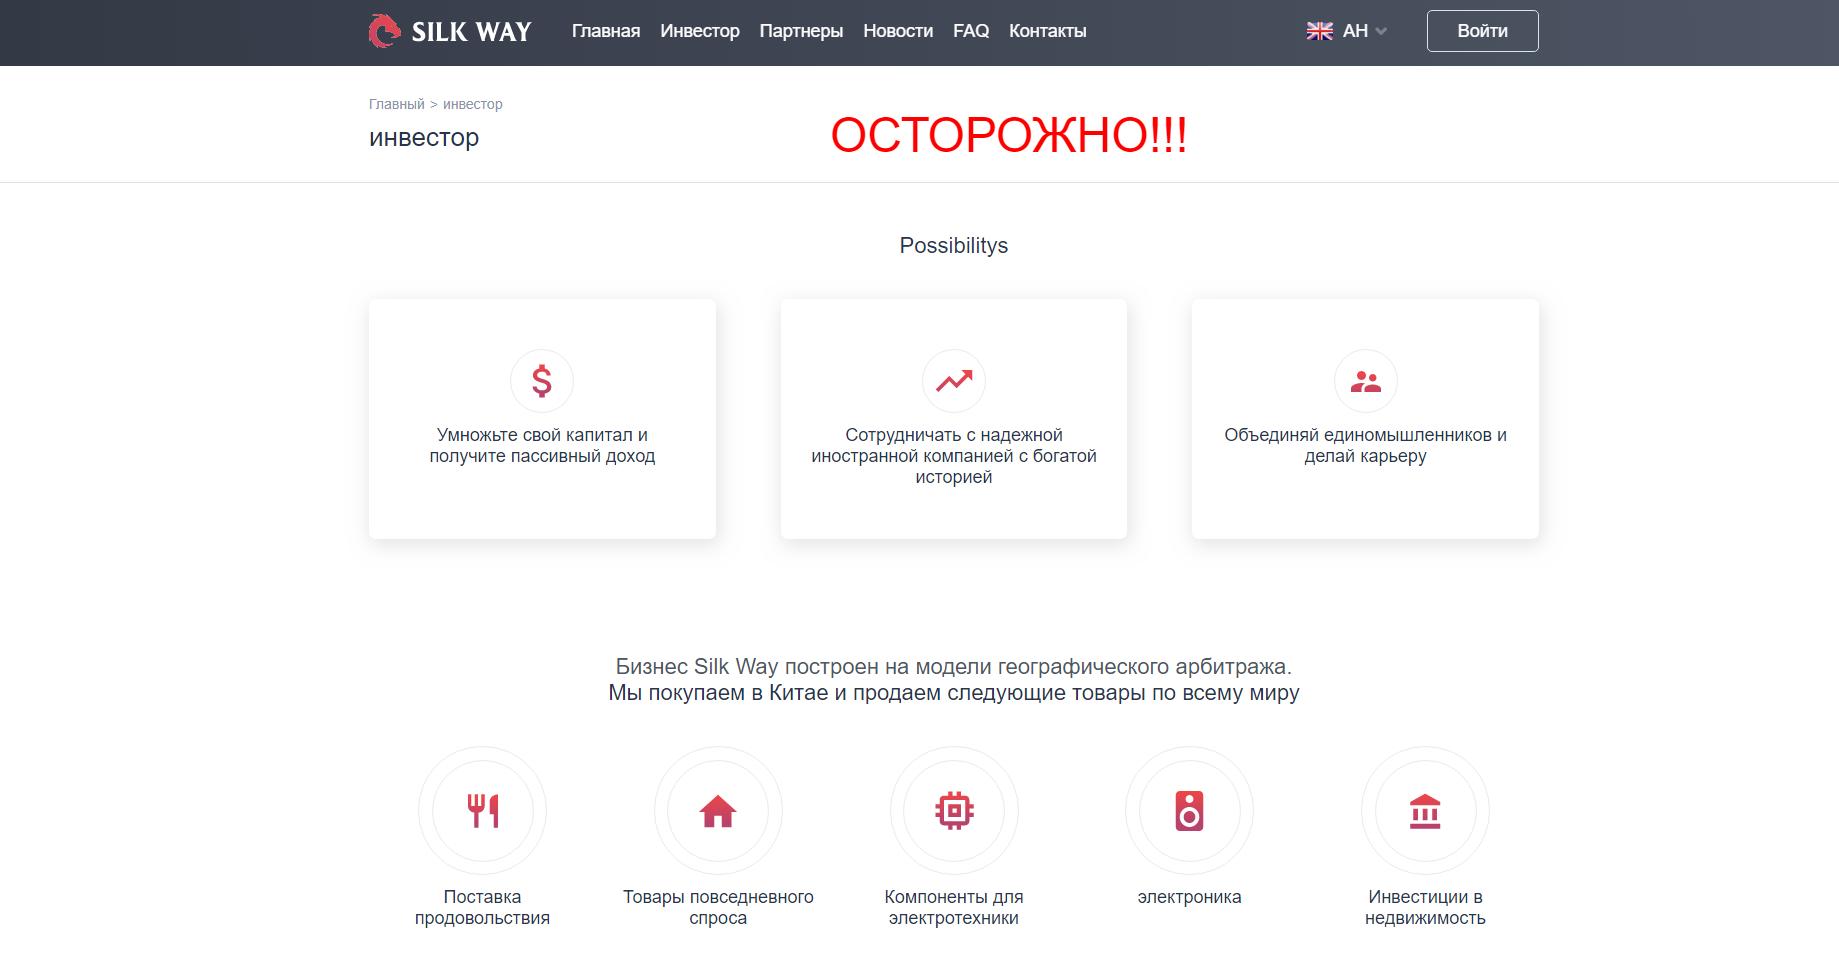 SilkWay - отзывы и обзор silkway.vip